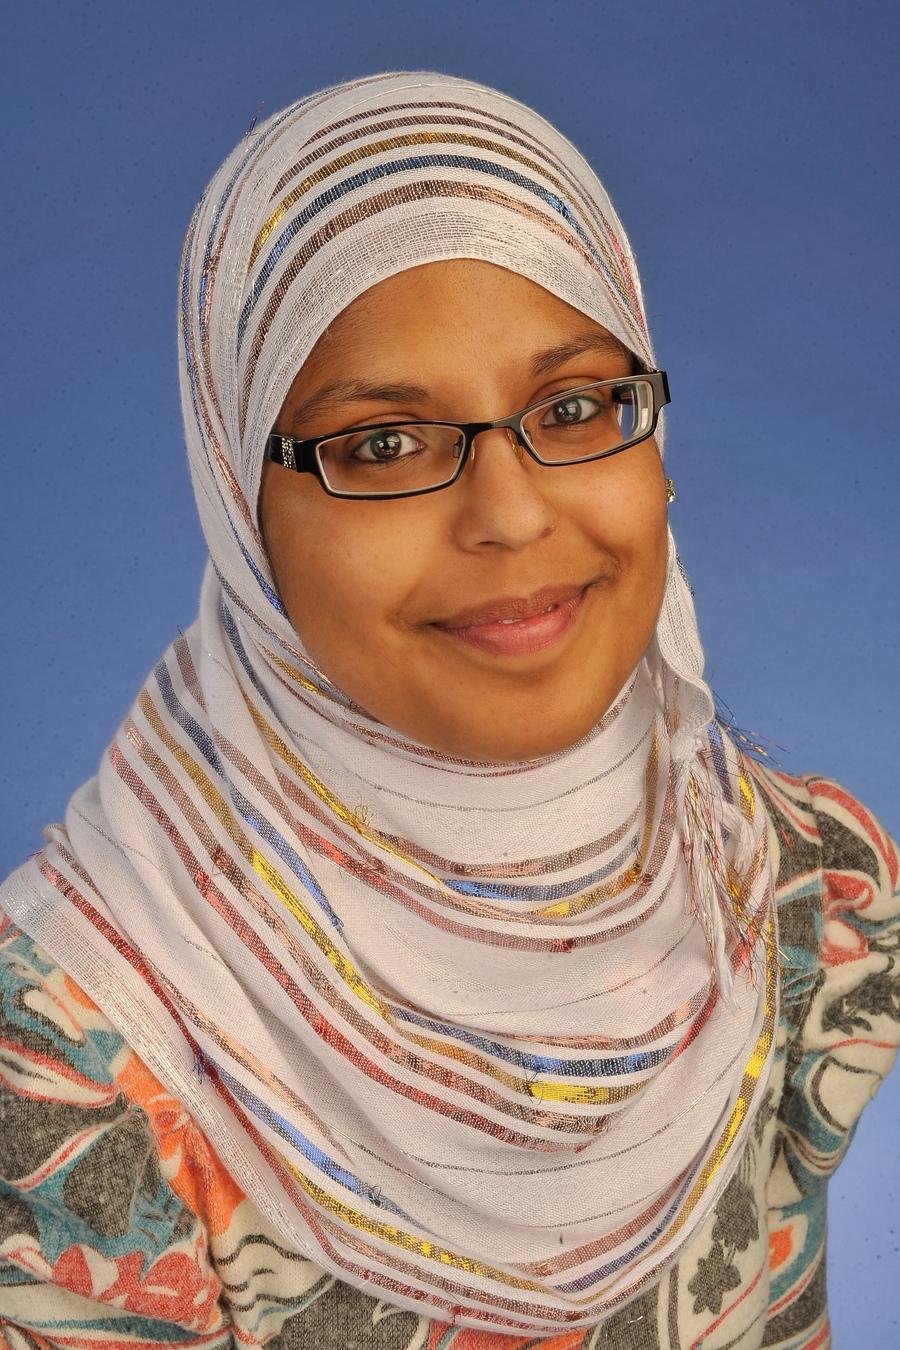 Miss Sabir